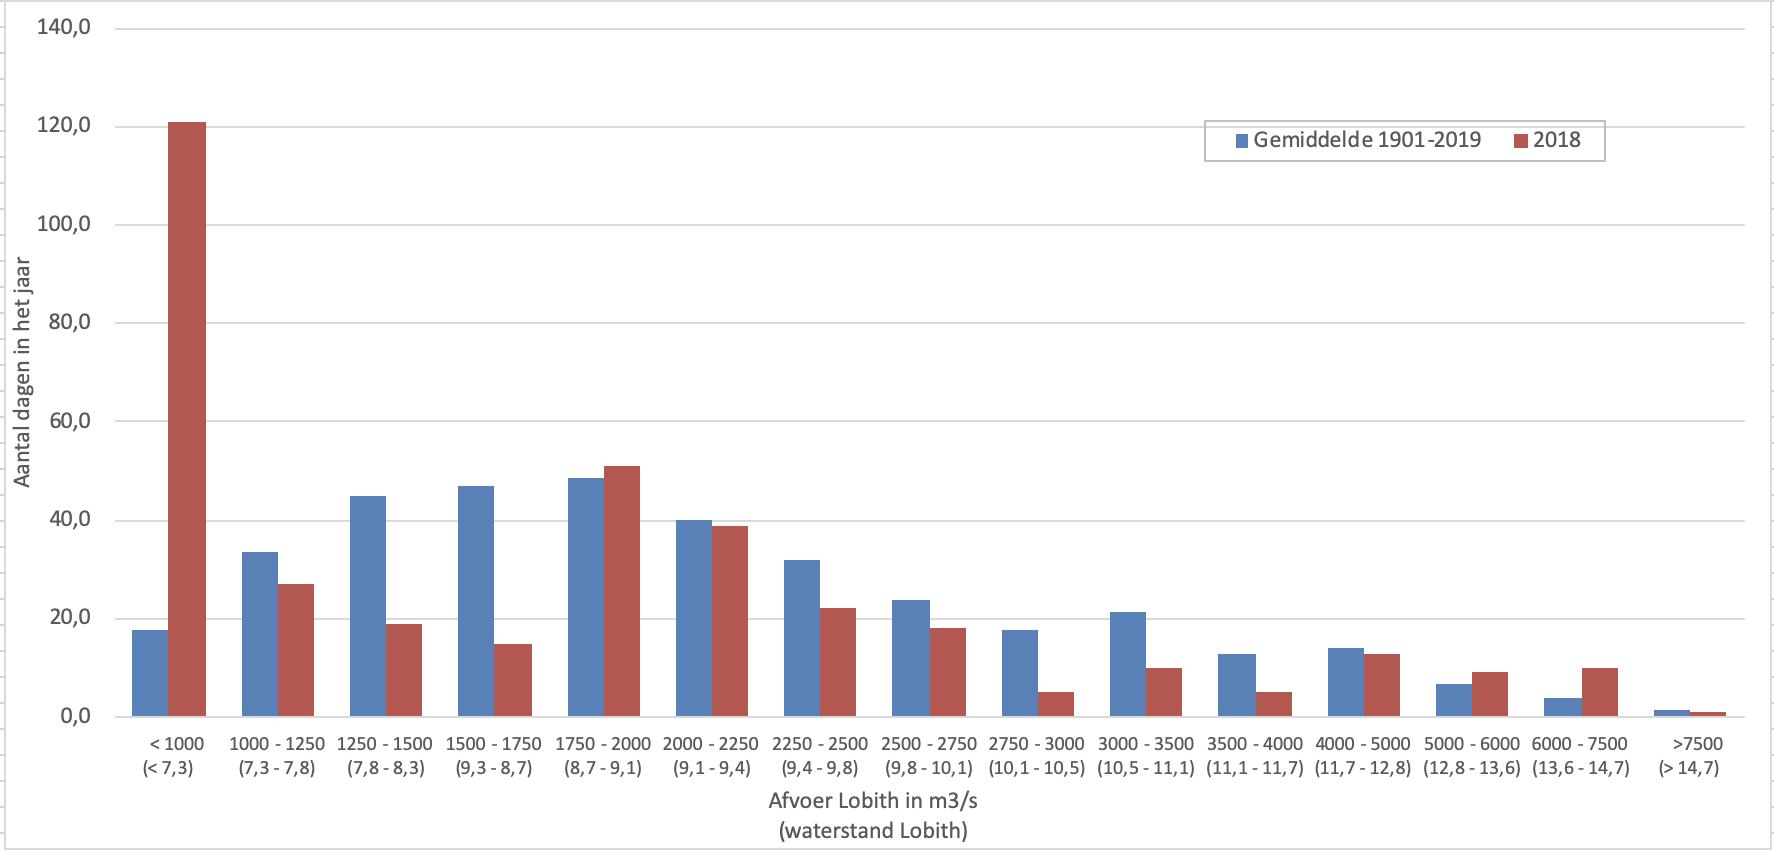 Afvoergegevens van 2018 gegroepeerd in categorieën van 250 m3/s (bij hogere afvoeren meer)